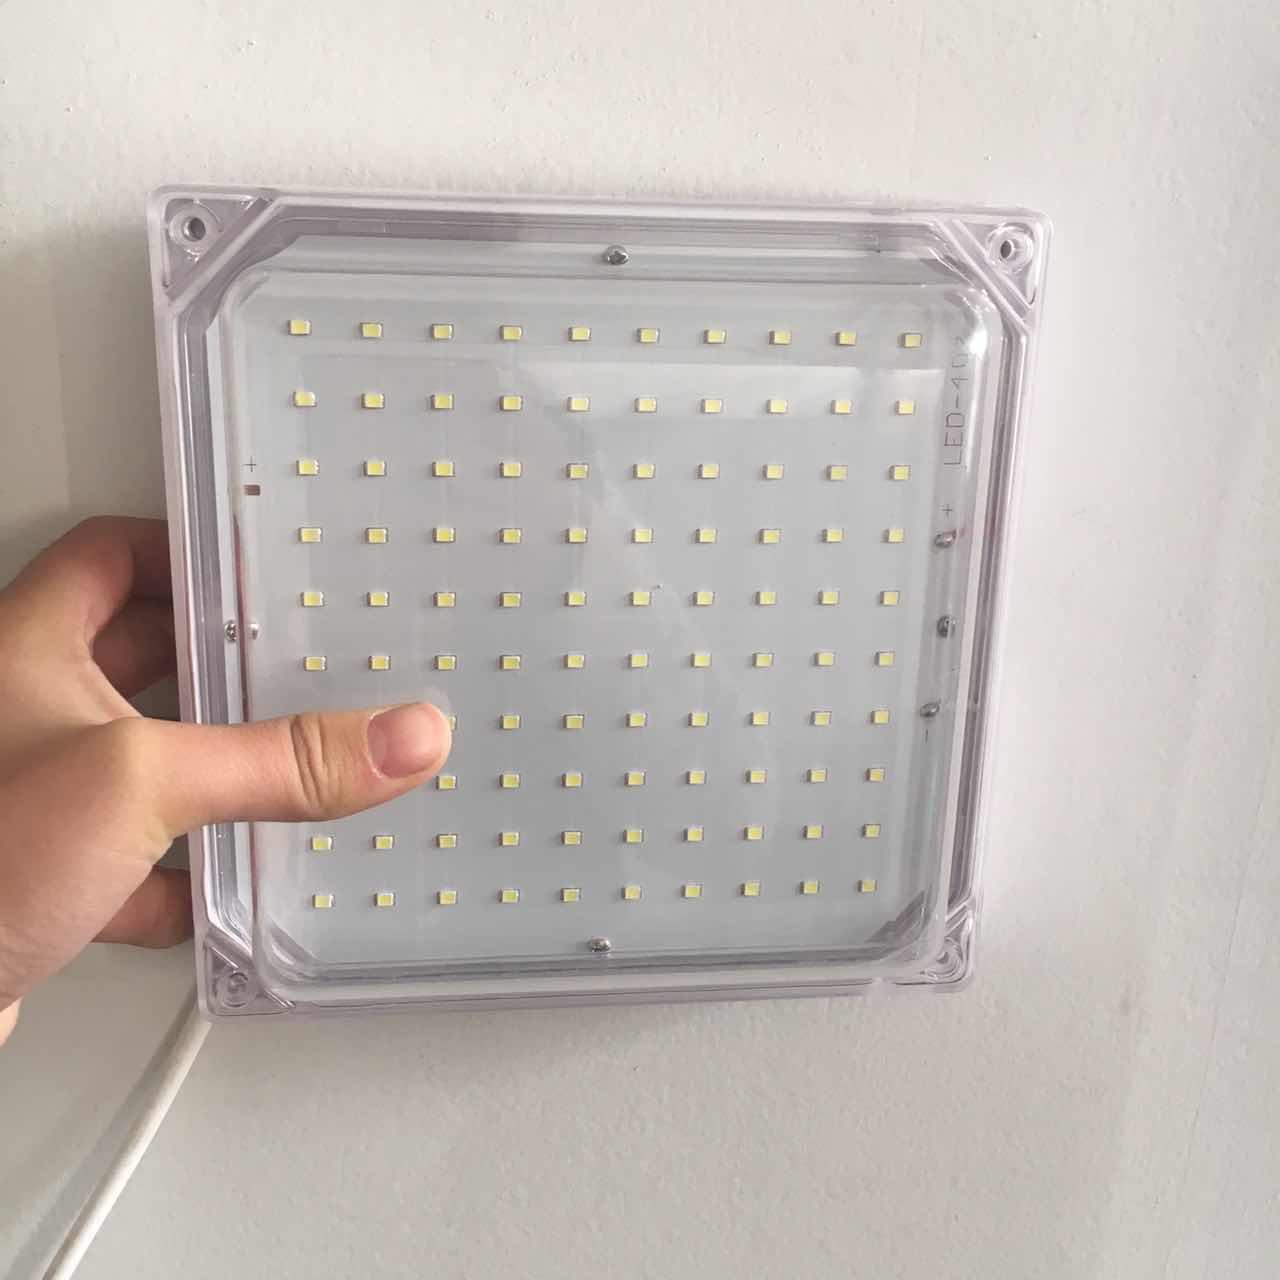 ขายโรงงานห้องเย็นห้องเย็นเครื่องไฟ LED โคมไฟป้องกันการระเบิดโคมไฟกันน้ำกันความชื้นสำหรับห้องน้ําโคมไฟประหยัดพลังงาน